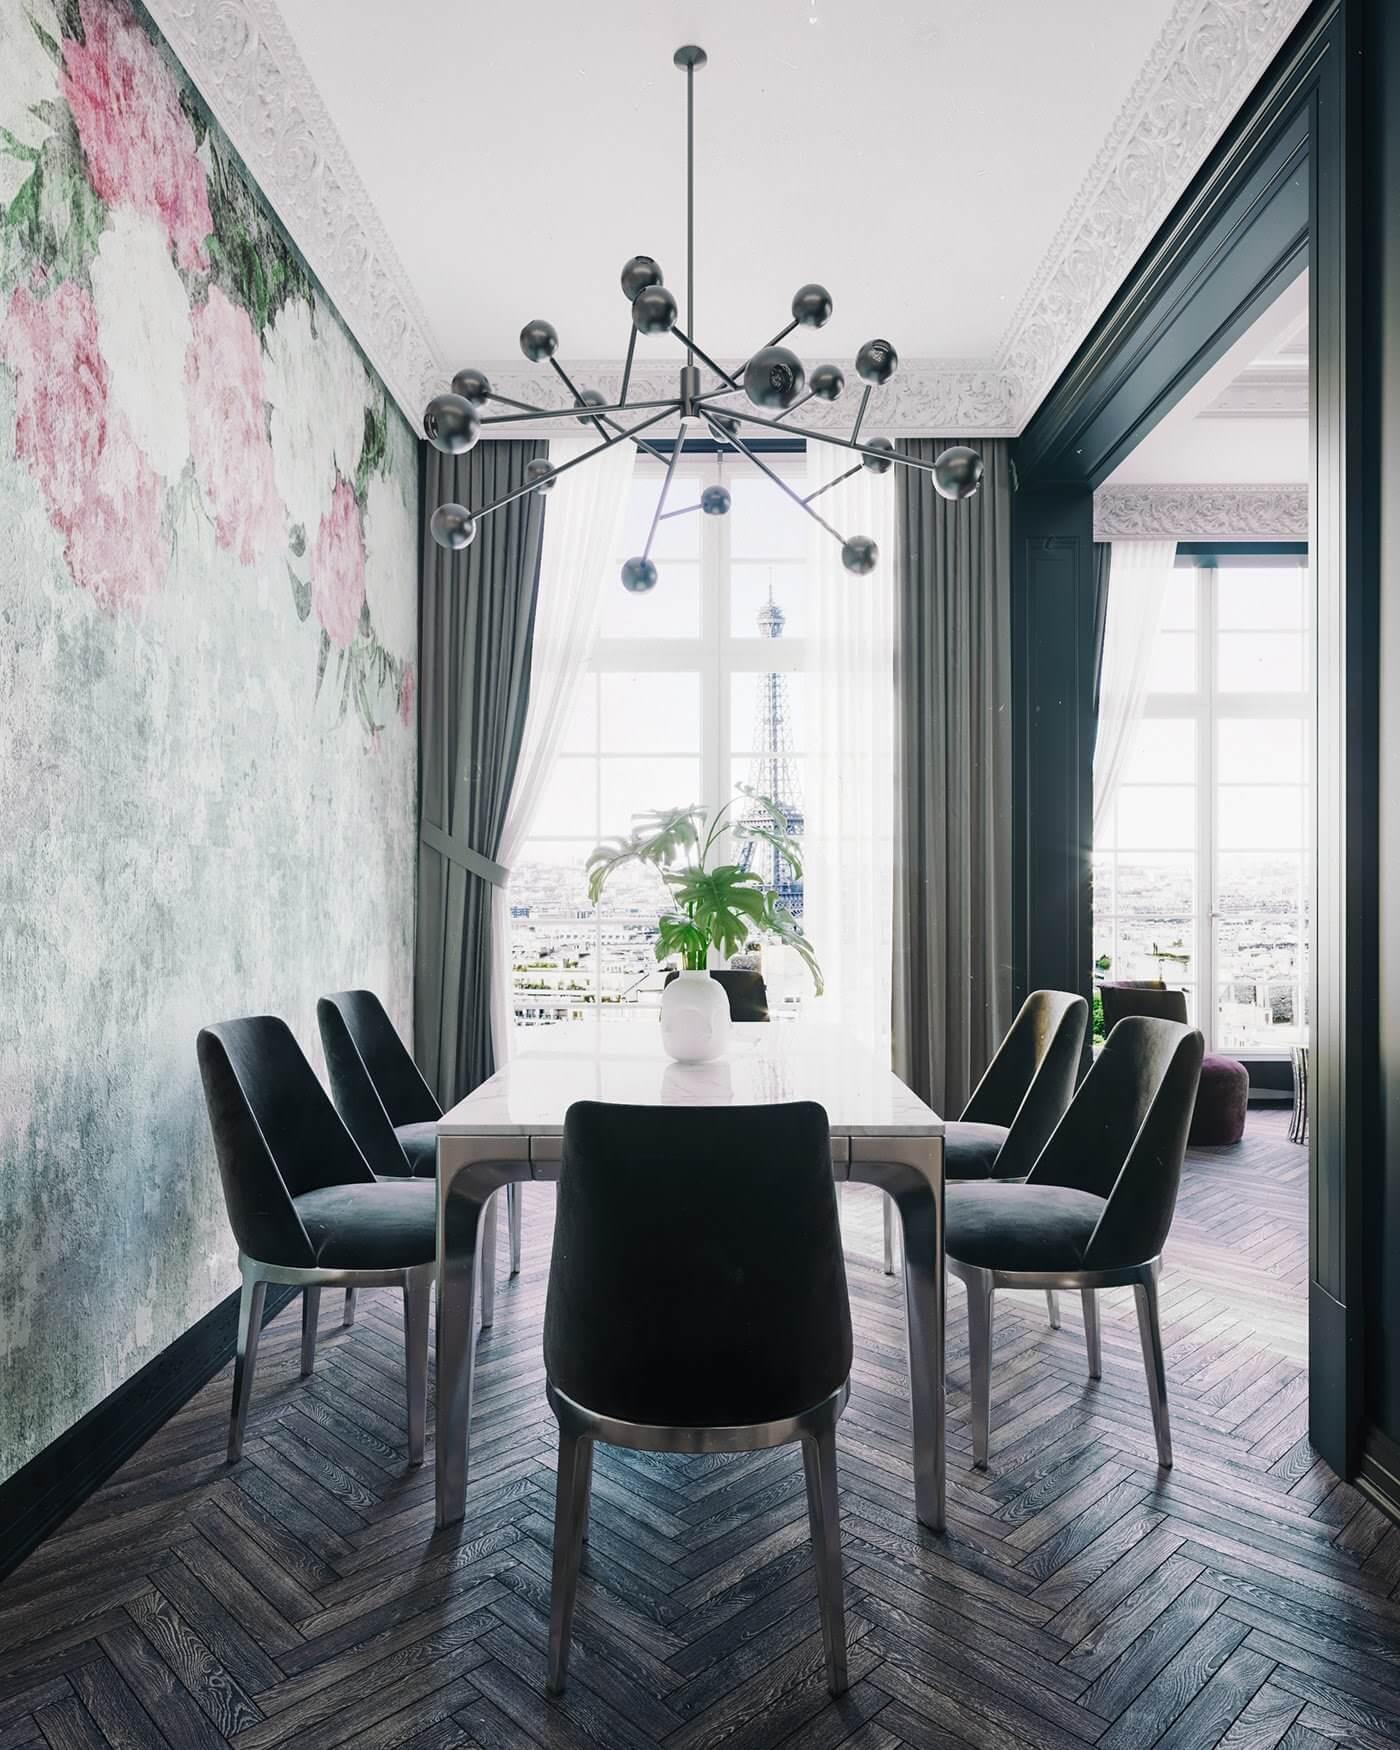 Maison Noire Apartment Paris dining room - cgi visualization